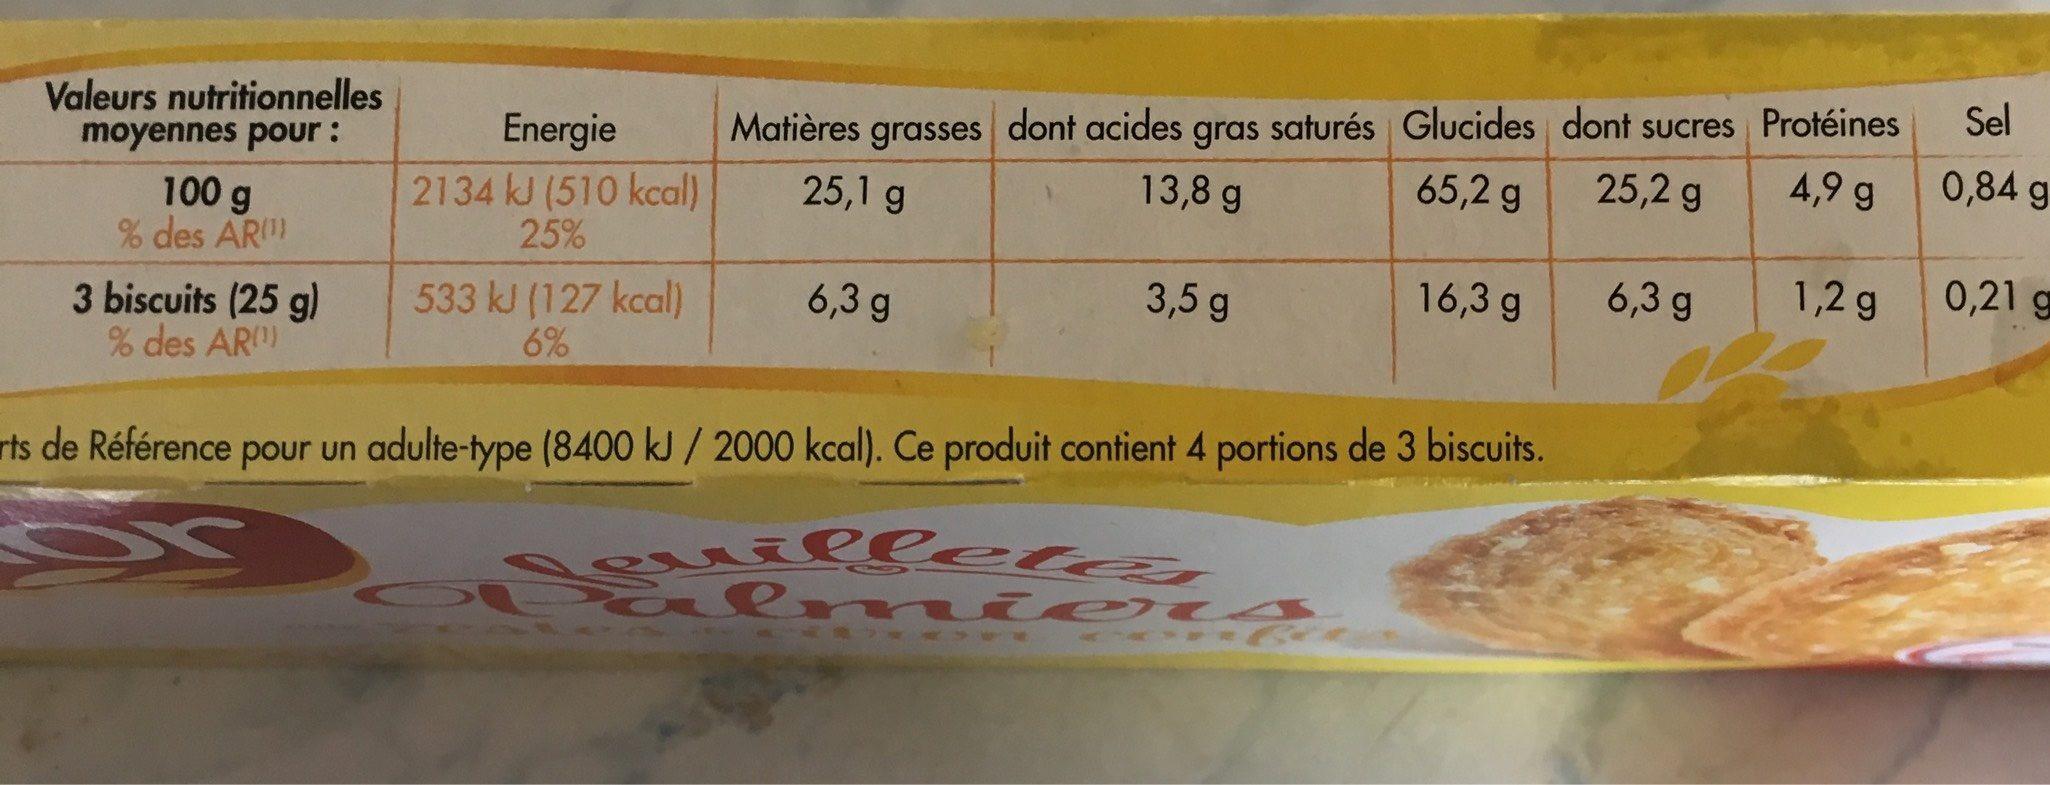 Palmiers feuilletés aux zestes de citron confits - Informations nutritionnelles